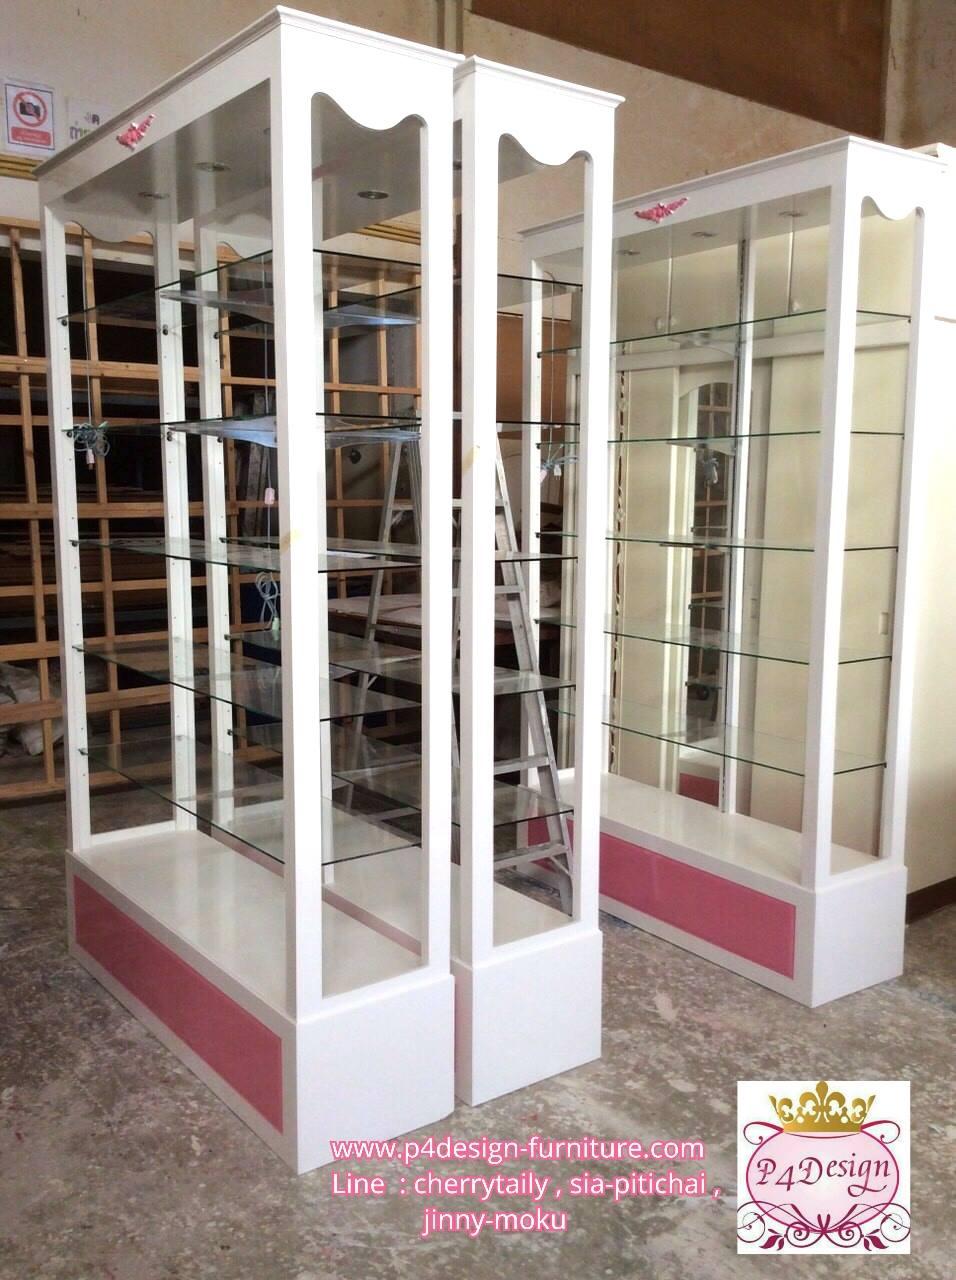 ตู้โชววินเทจสีขาวสำหรับตกแต่งบ้านเเละร้านค้า